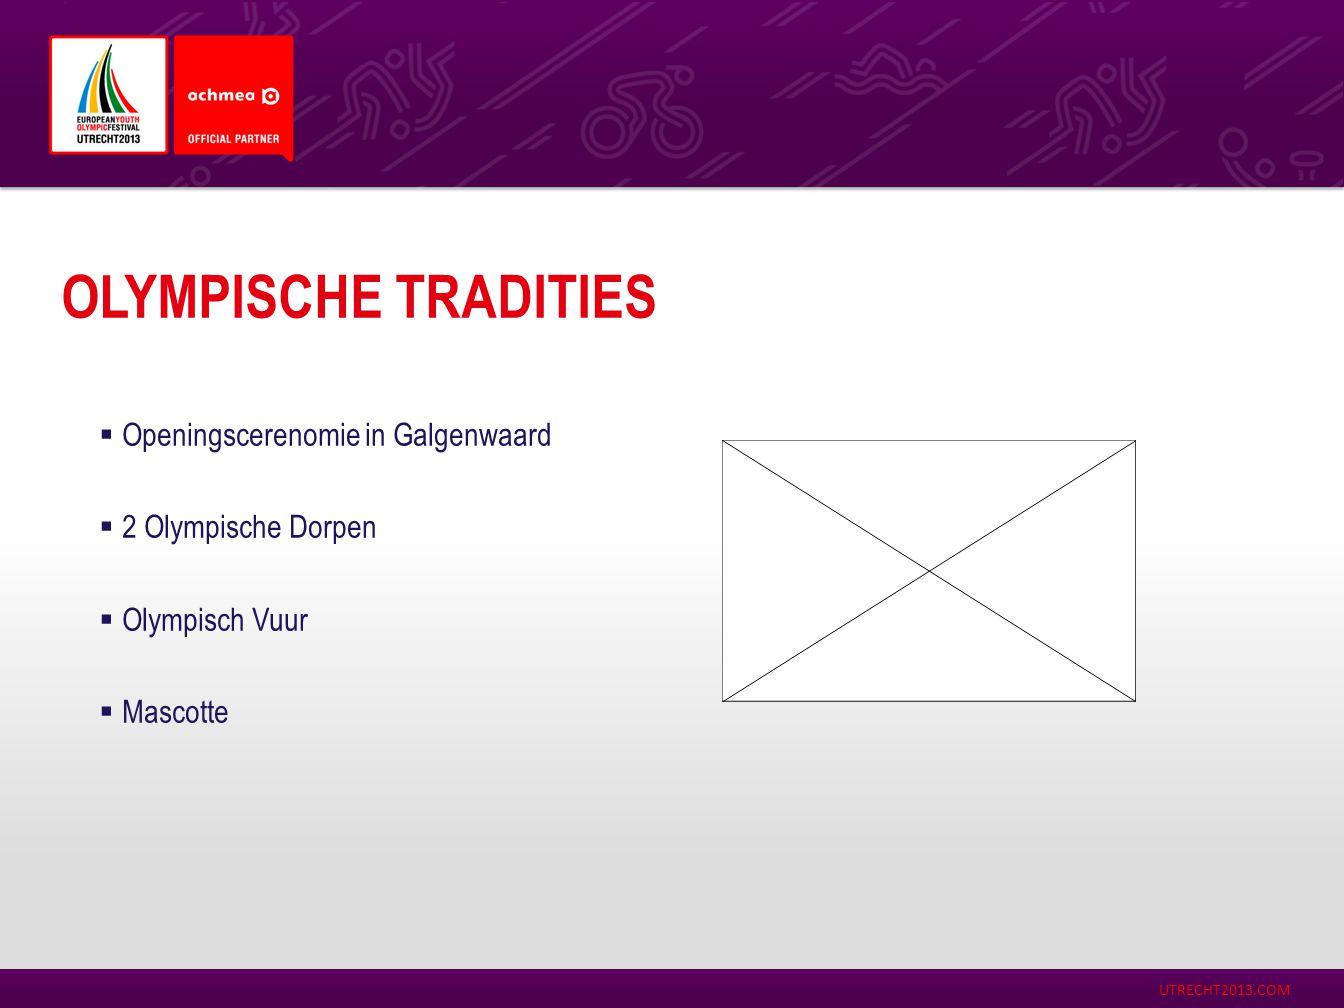 UTRECHT2013.COM OLYMPISCHE TRADITIES  Bekijk het filmpje met de openings- ceremonie in 2011